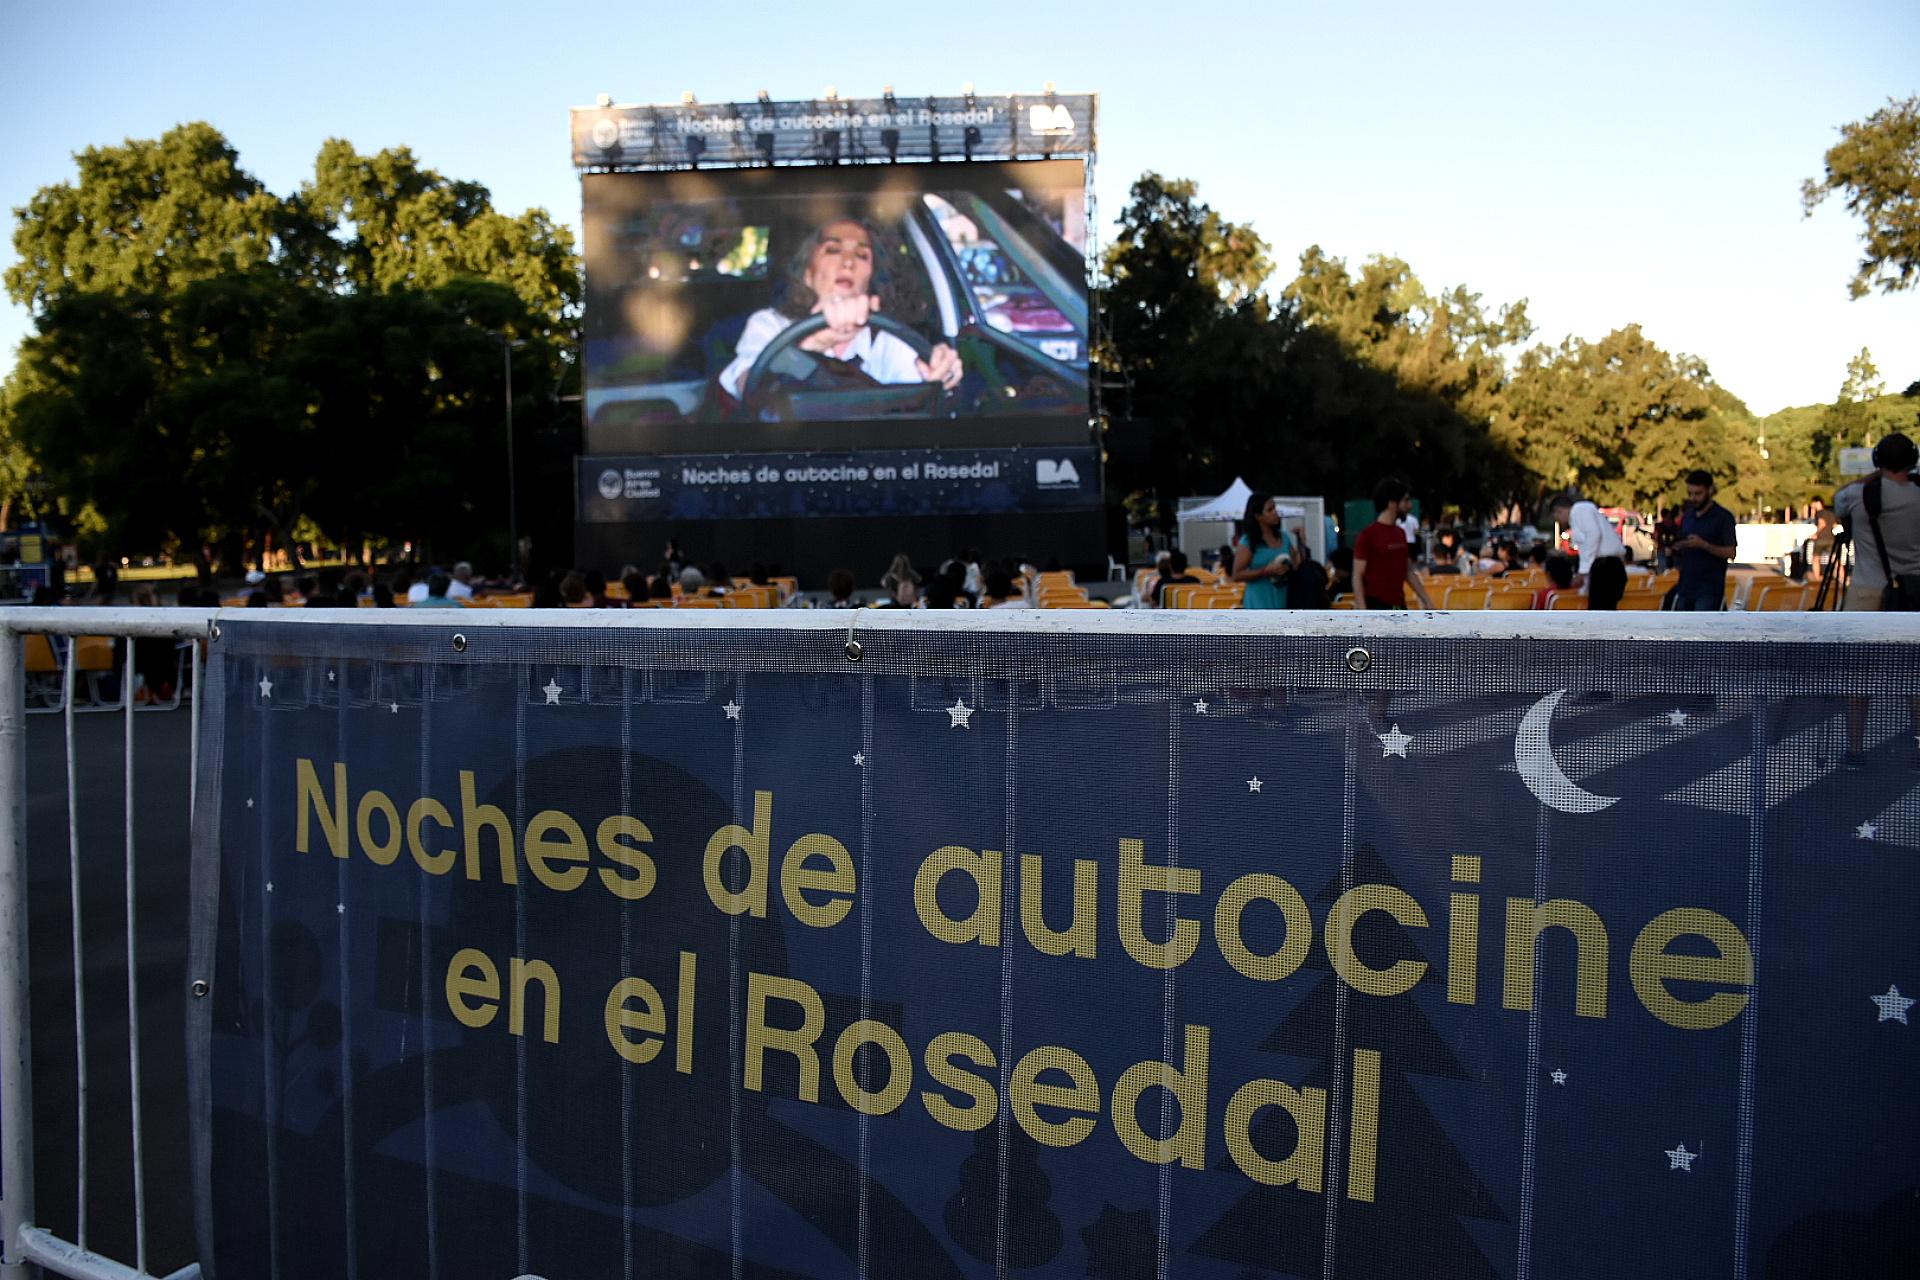 El evento está organizado por el ministerio de Cultura porteño y cada función comienza a partir de las 20